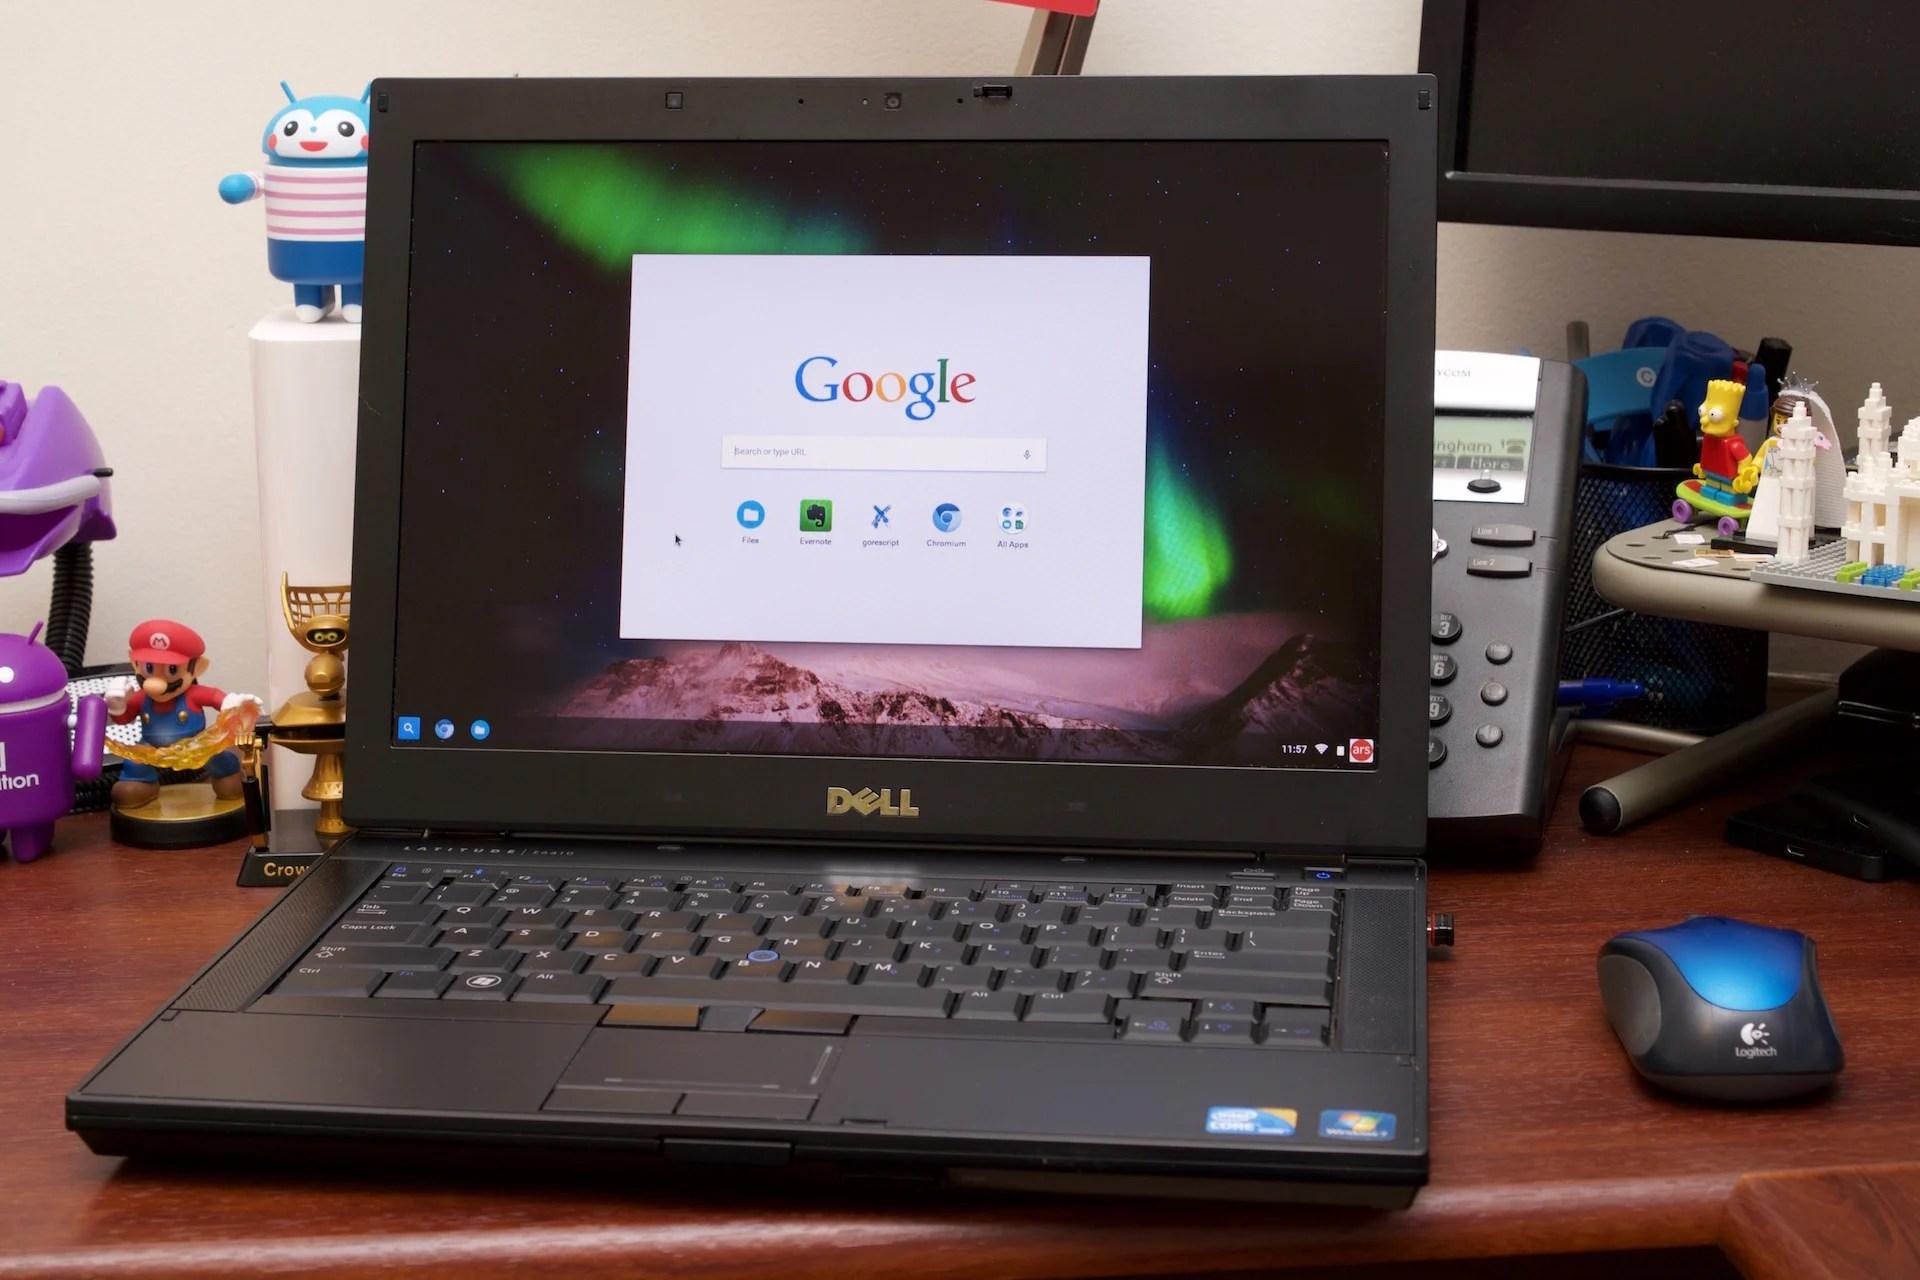 Google mise sur Neverware, l'entreprise qui installe Chrome OS sur de vieux PC